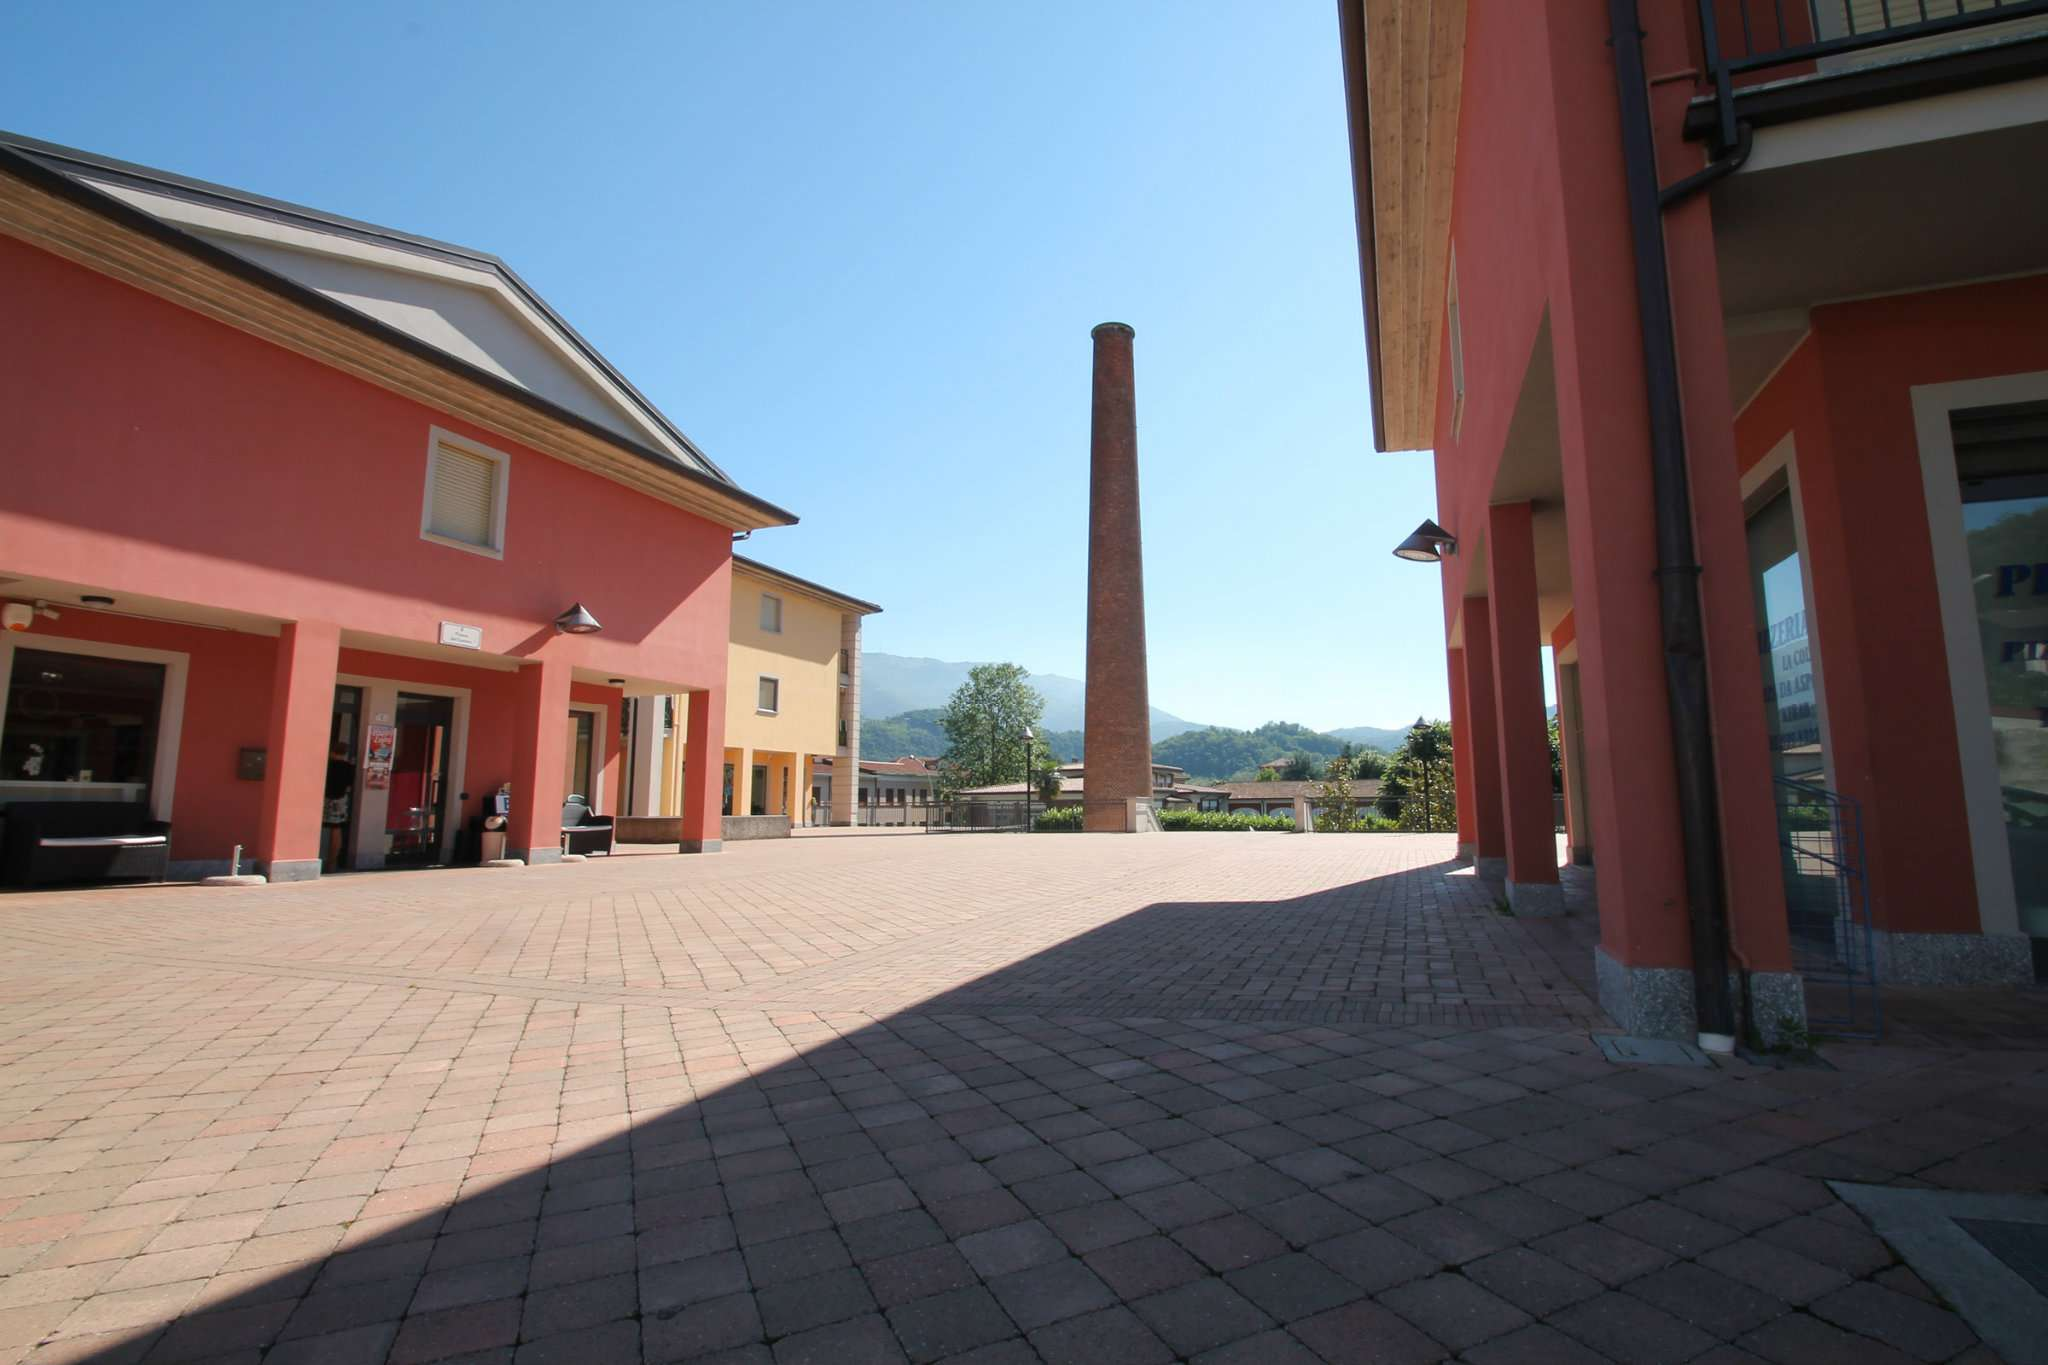 Appartamento in vendita a Brivio, 1 locali, prezzo € 80.000 | Cambio Casa.it